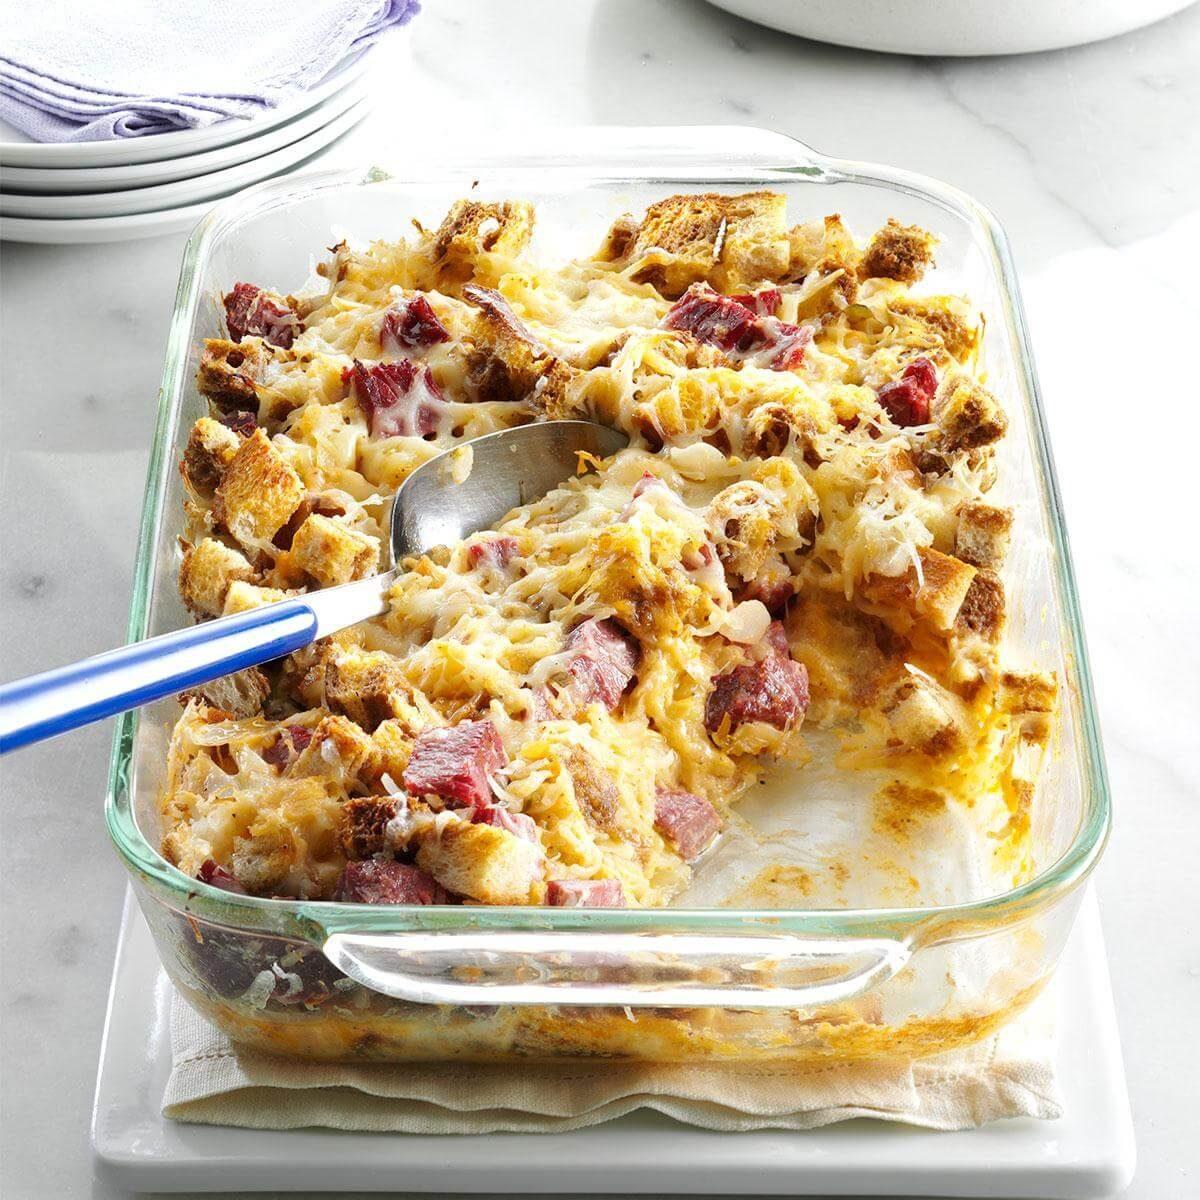 Reuben Bread Pudding